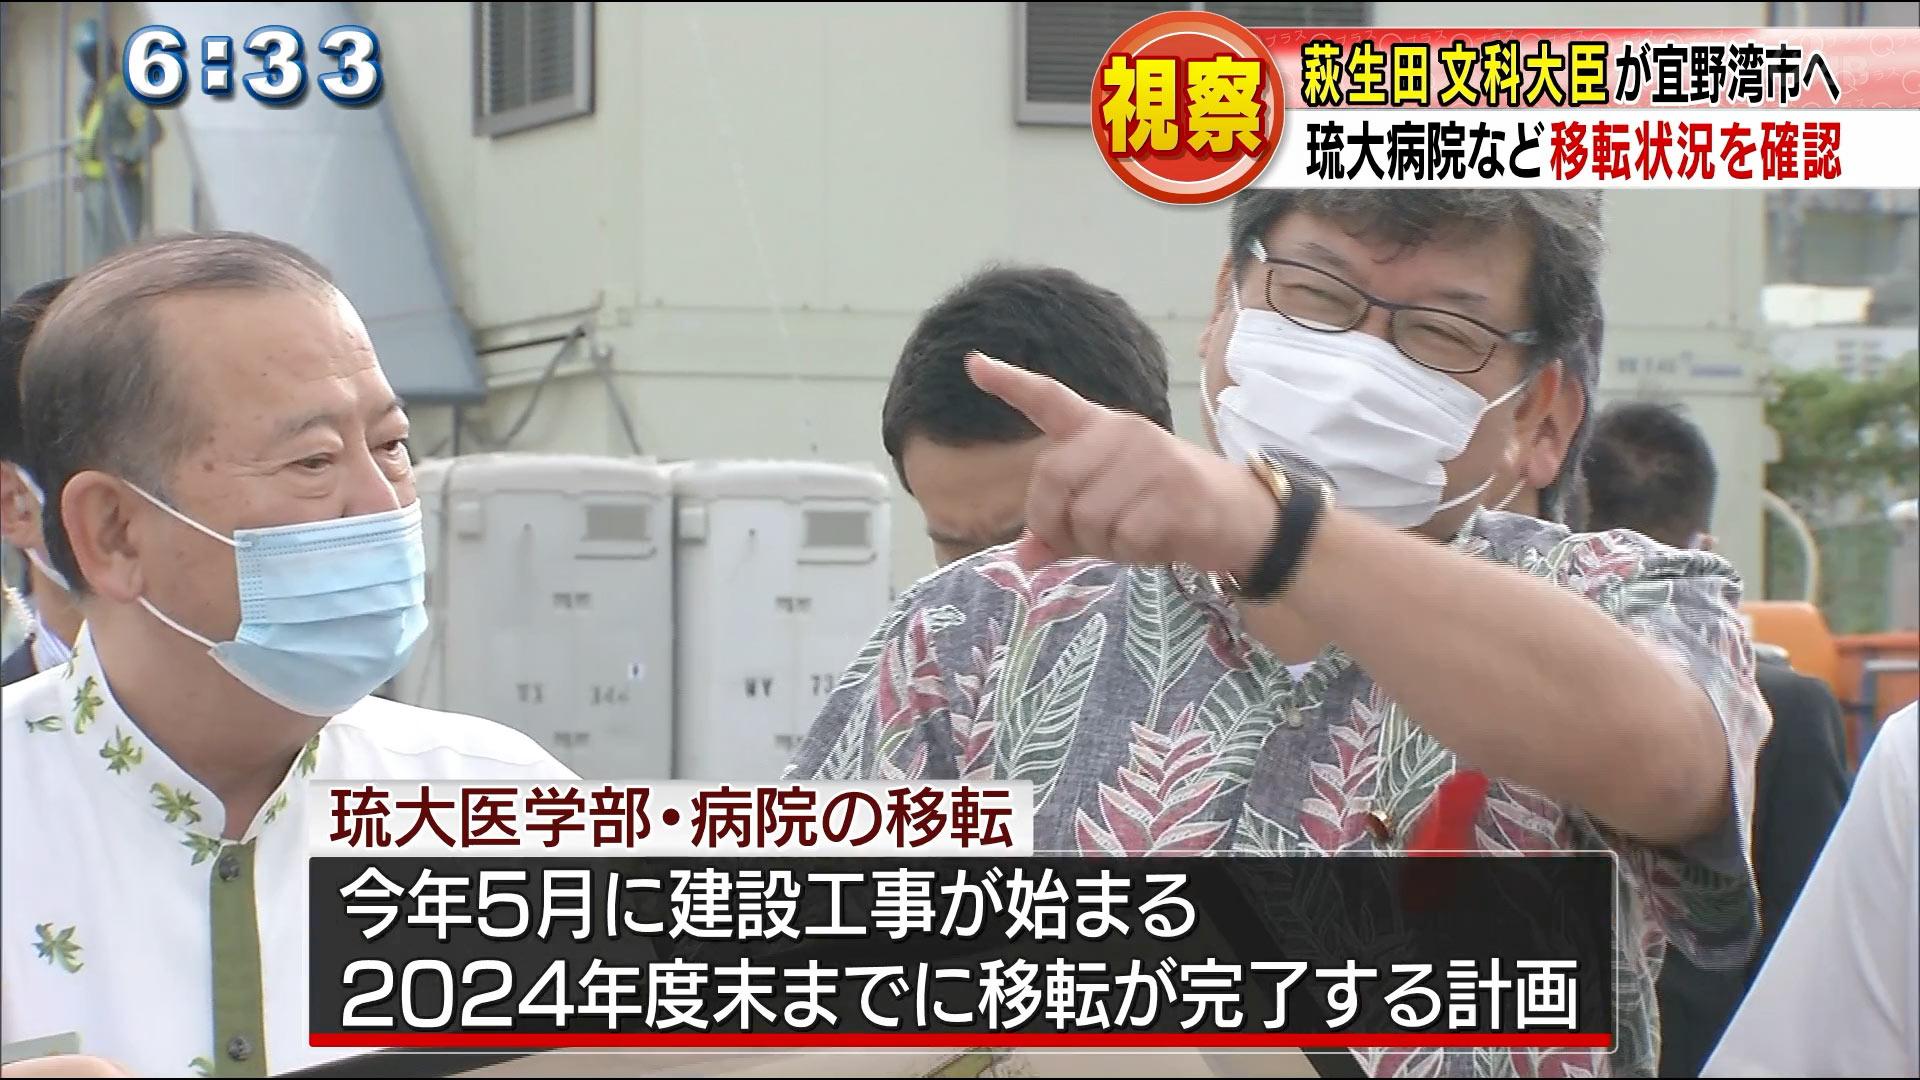 萩生田文部科学大臣が琉大医学部の移転先を視察